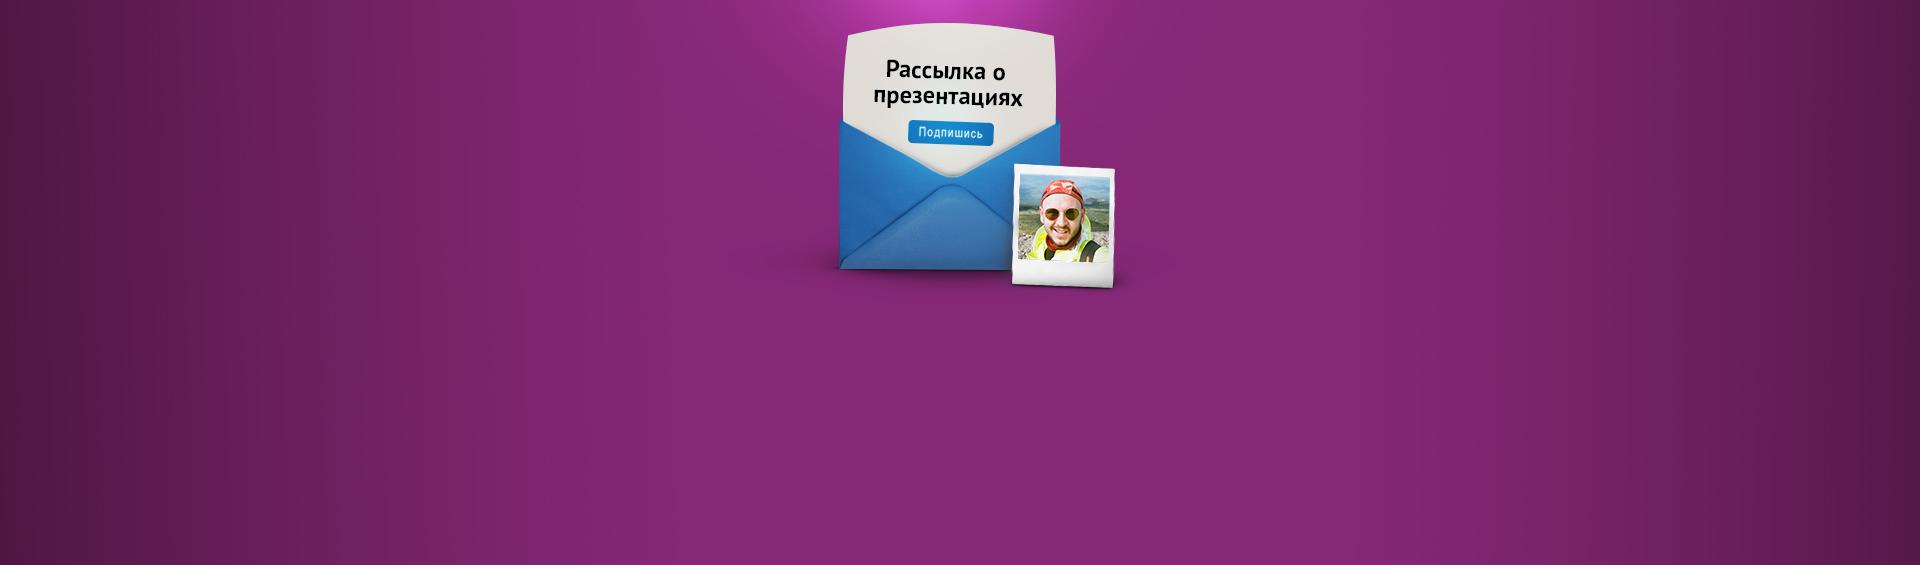 """Саша Бизиков, «Рассылка о презентациях»: «Не используйте в теме письма слово """"Рассылка!""""»"""